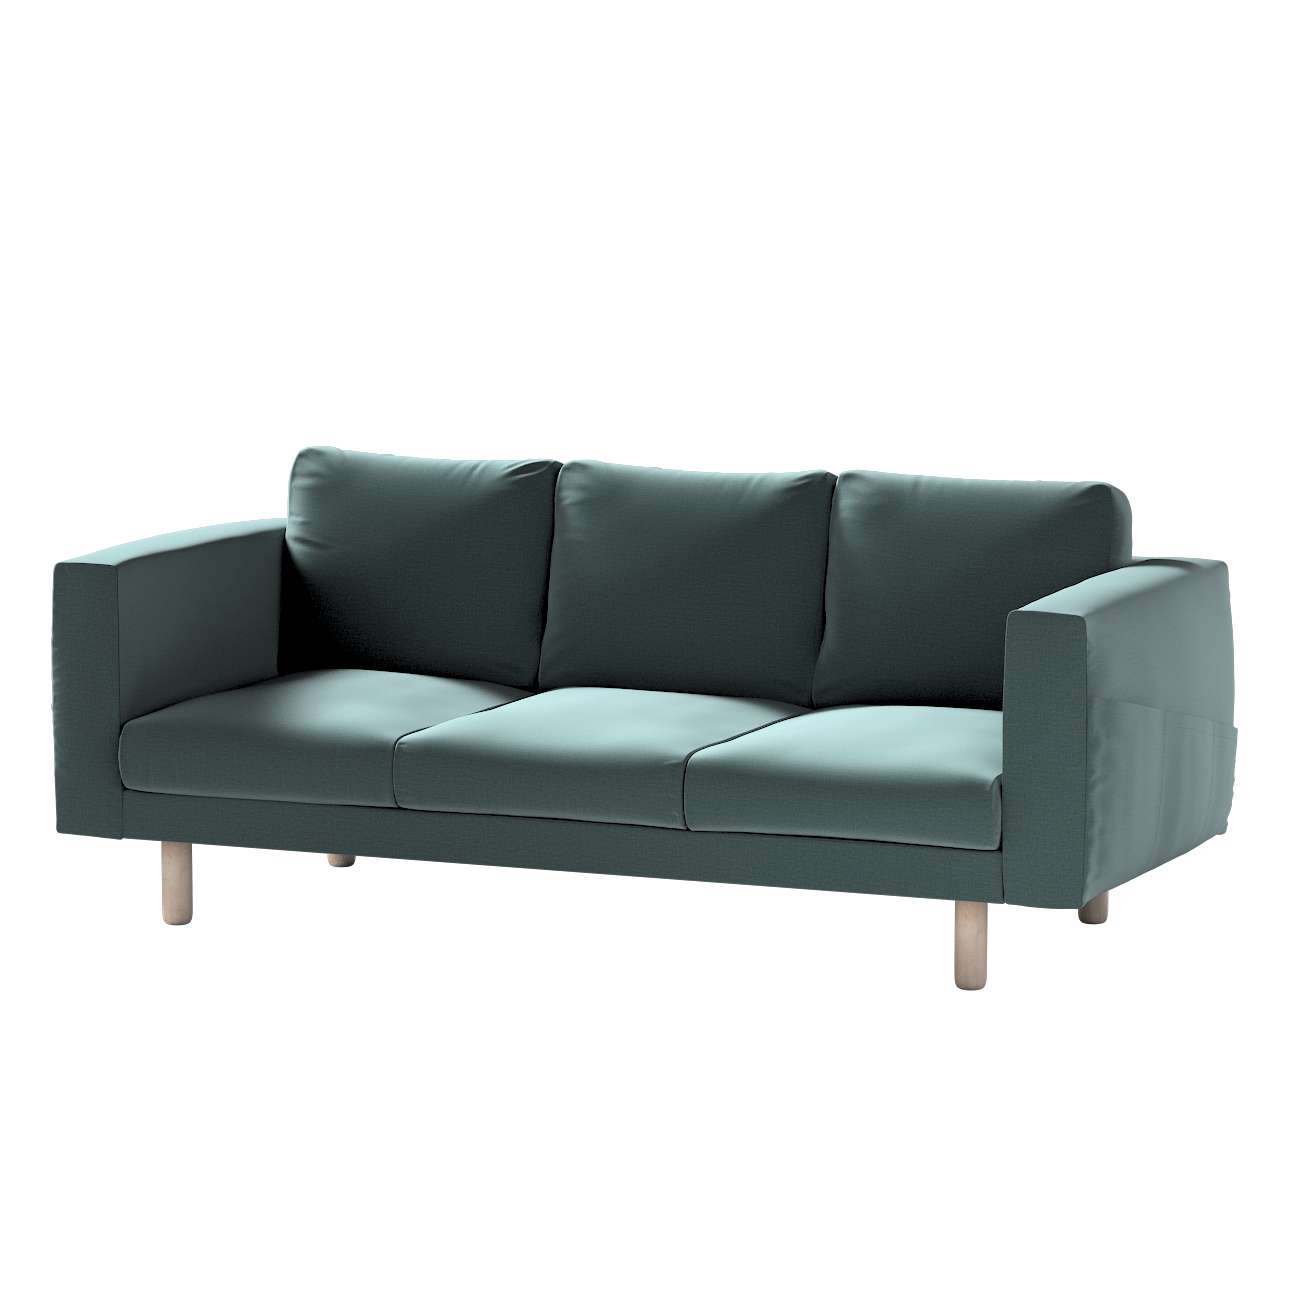 Pokrowiec na sofę Norsborg 3-osobową w kolekcji Ingrid, tkanina: 705-36